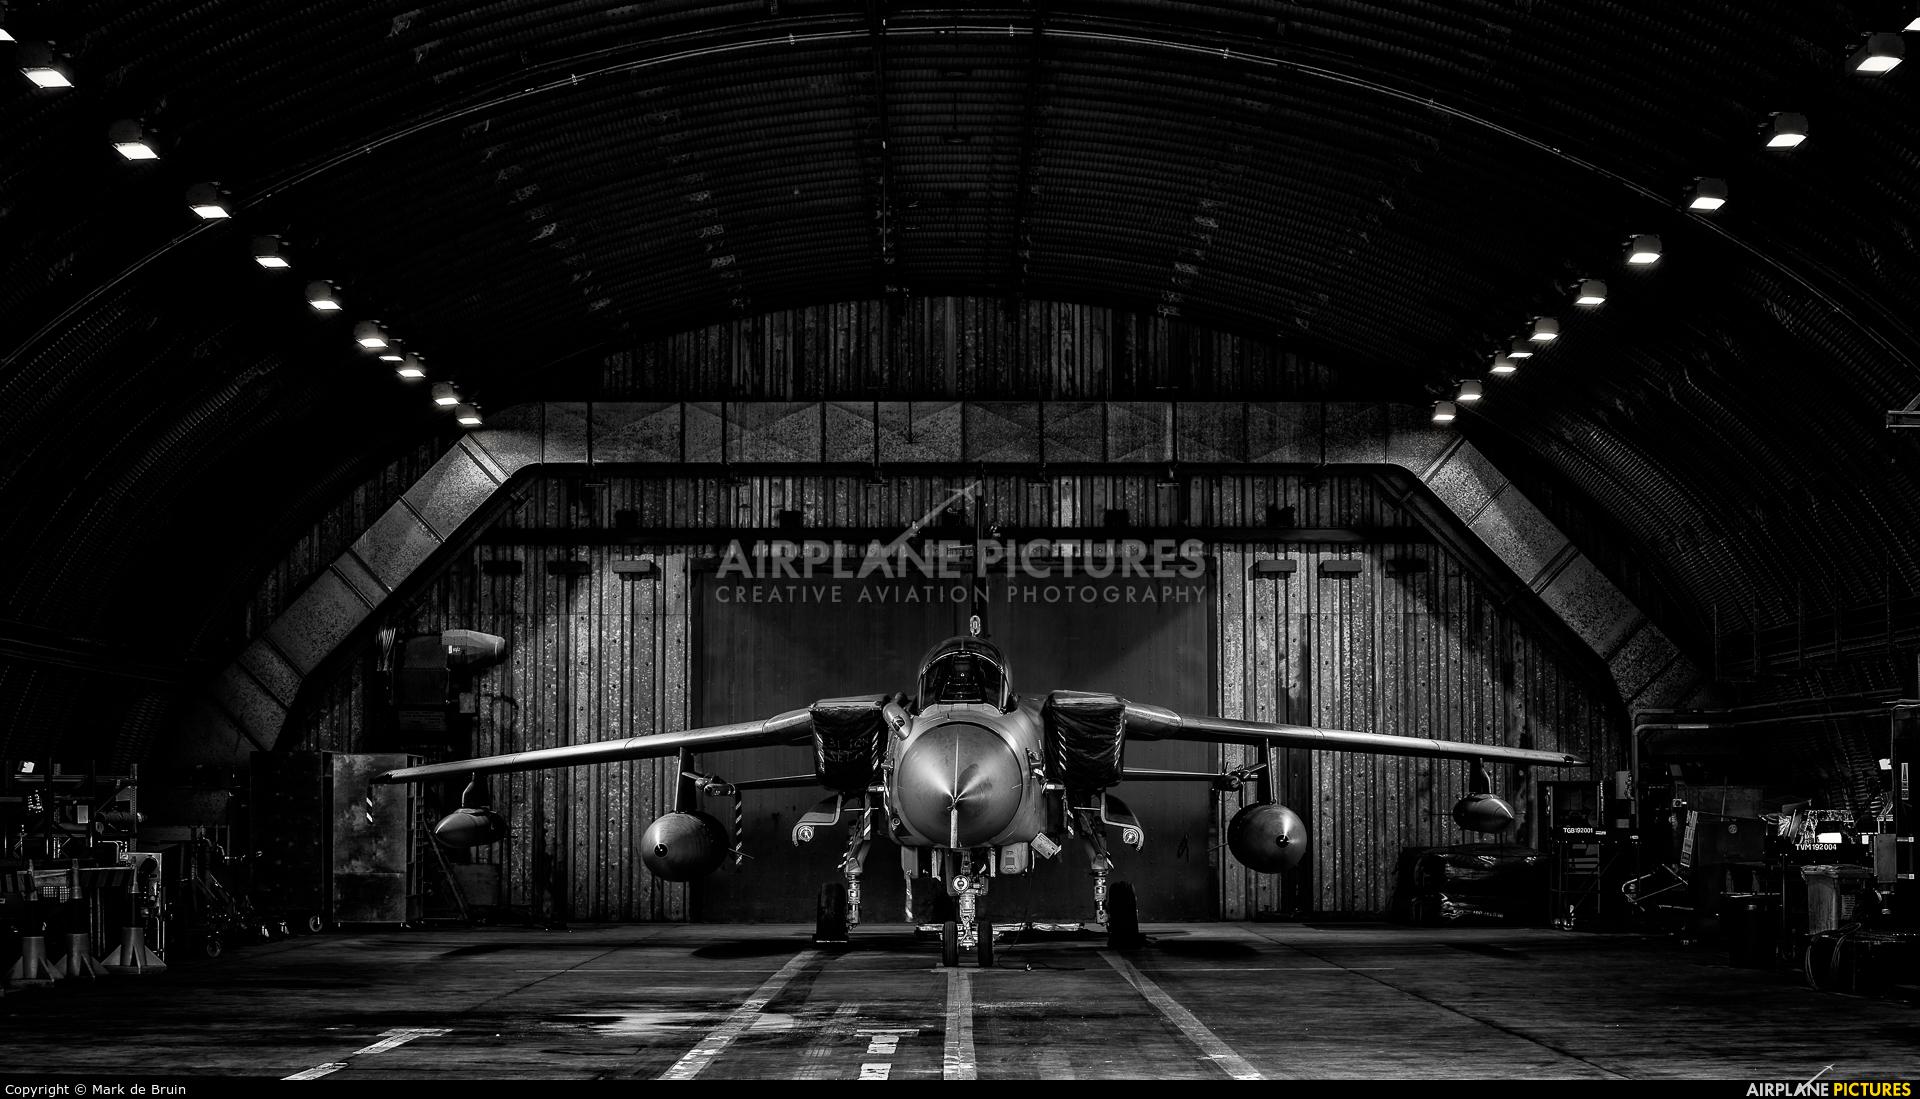 Royal Air Force ZG771 aircraft at Marham